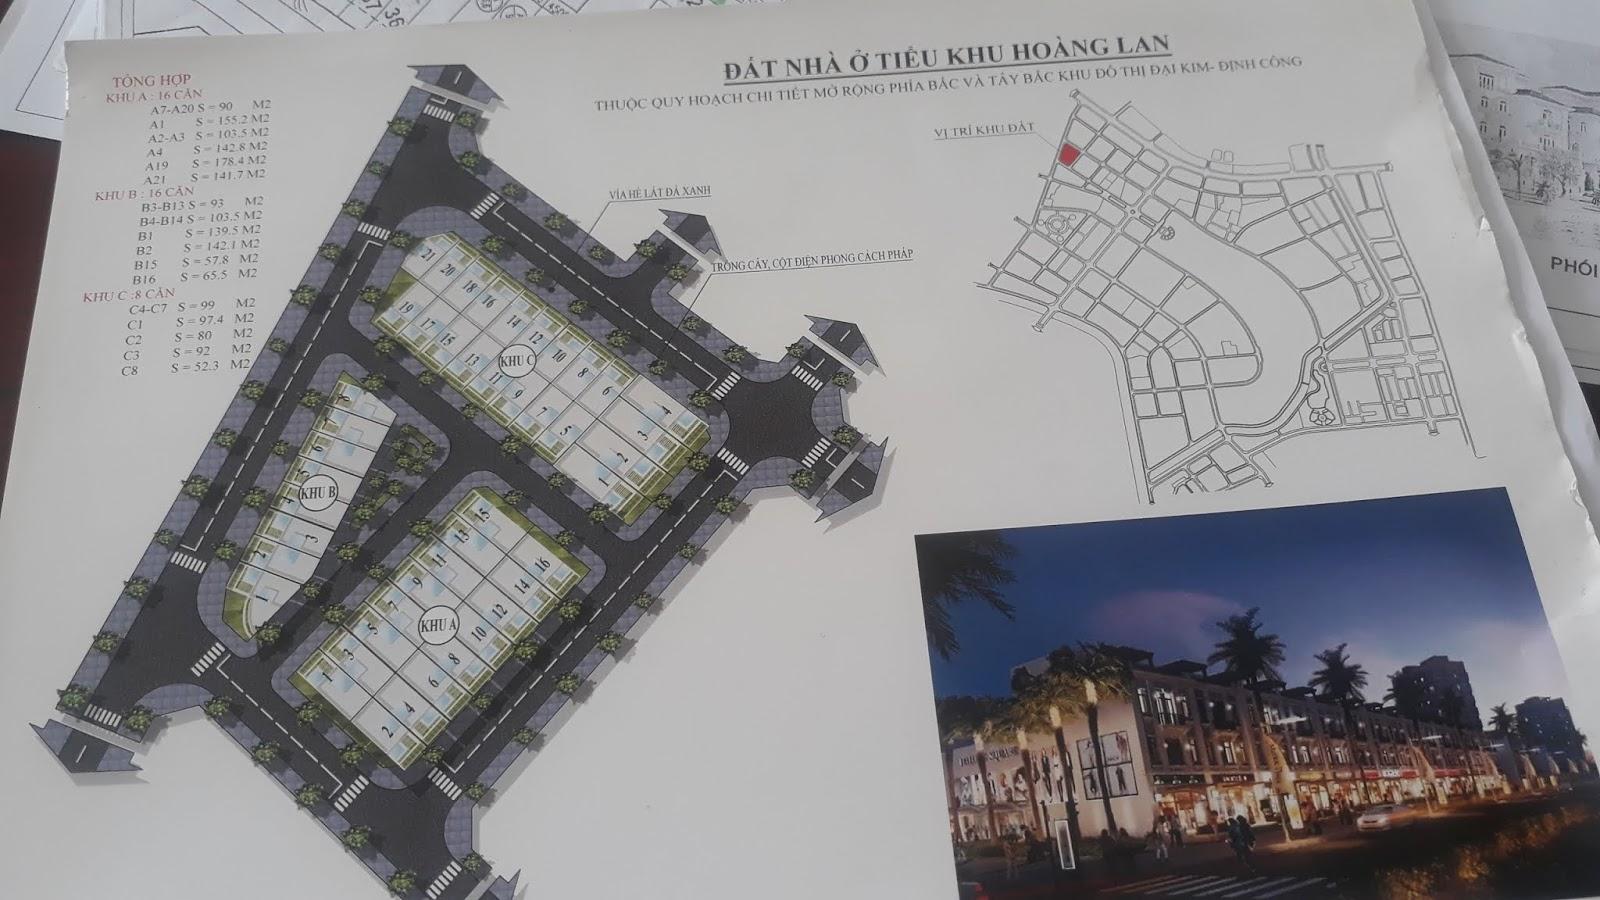 Liền kề mặt phố Khu Đô Thị mới Đại Kim | Định Công